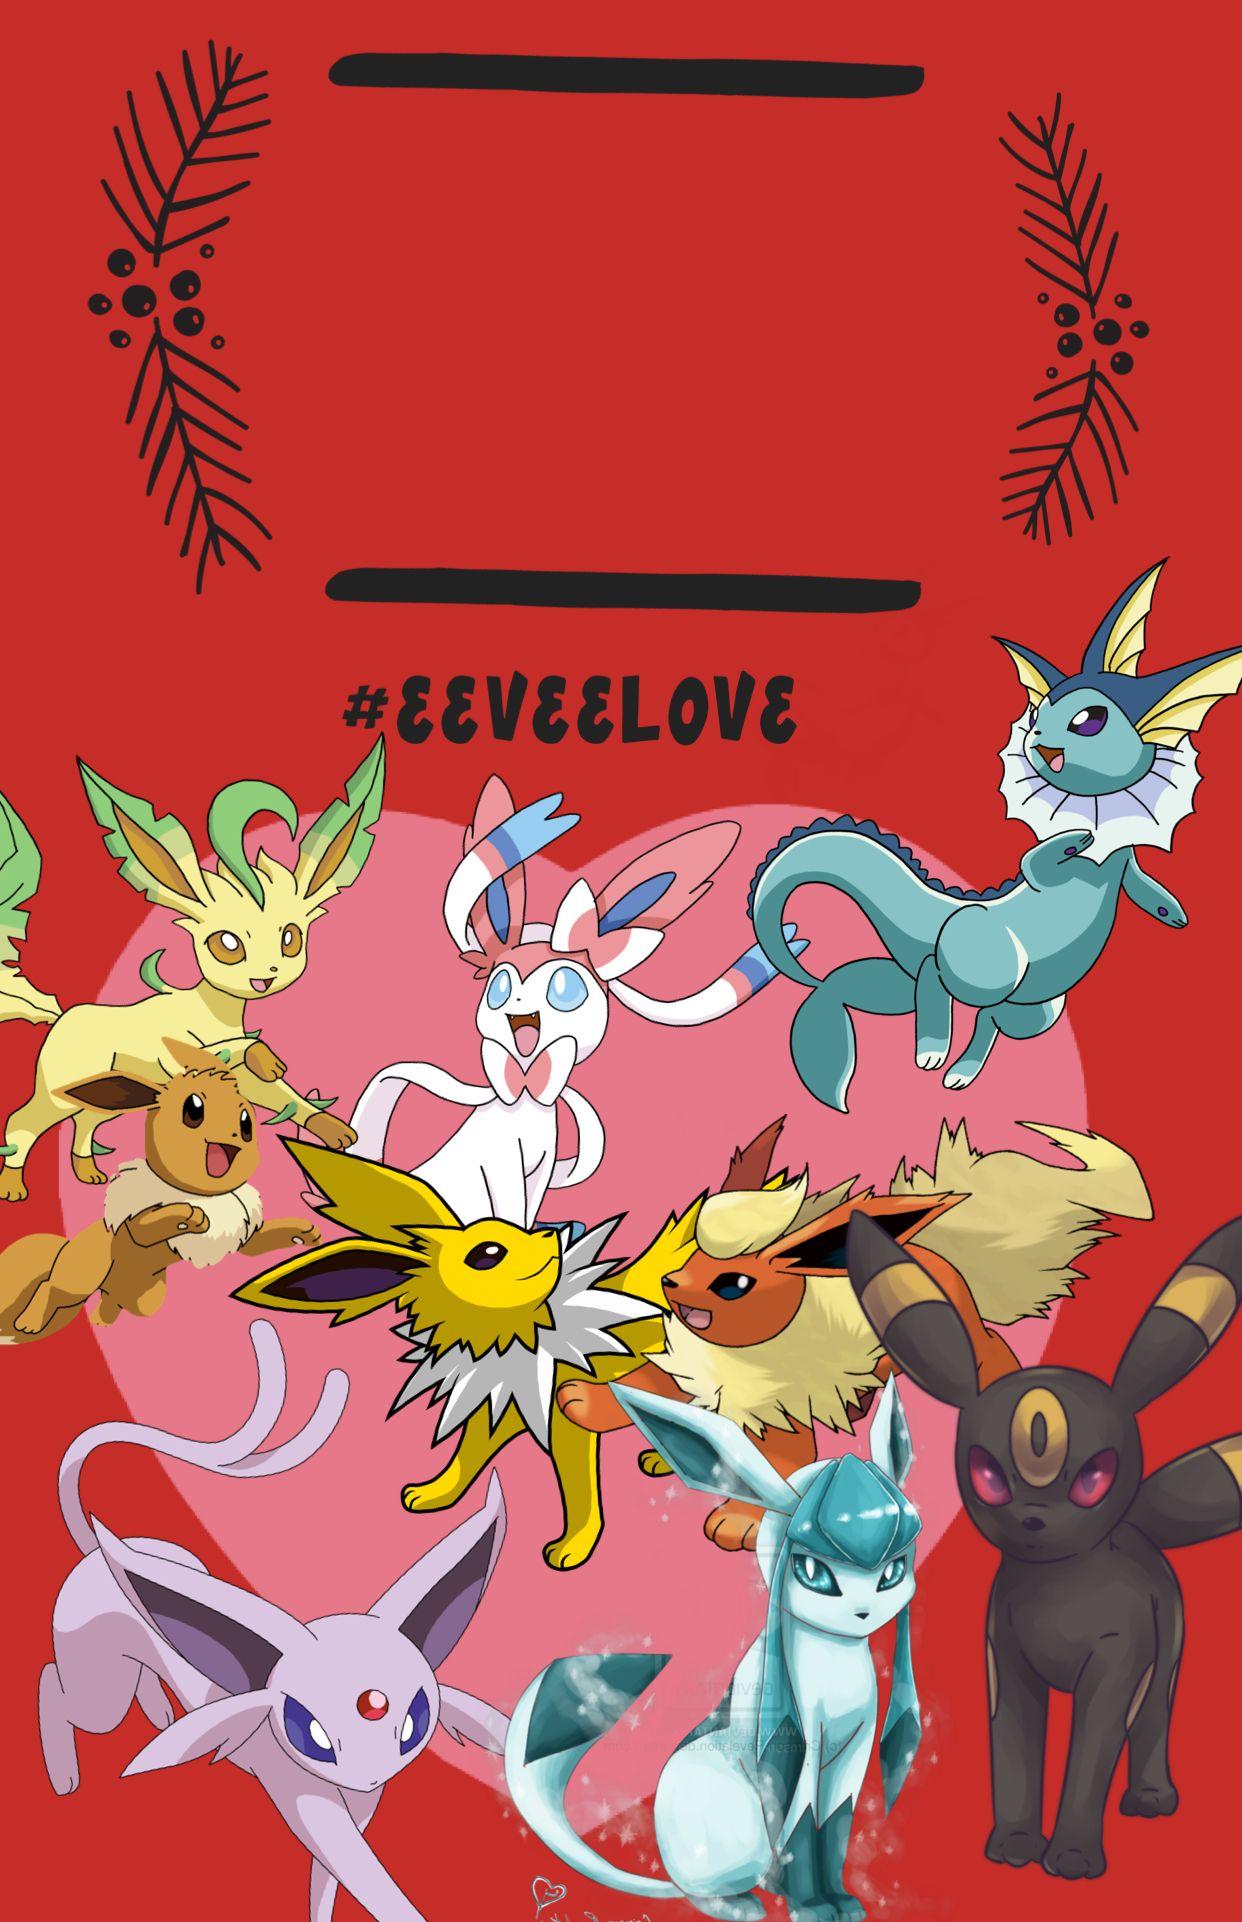 Super cute eeveeloution phone wallpaper 🤗 Pokemon eevee